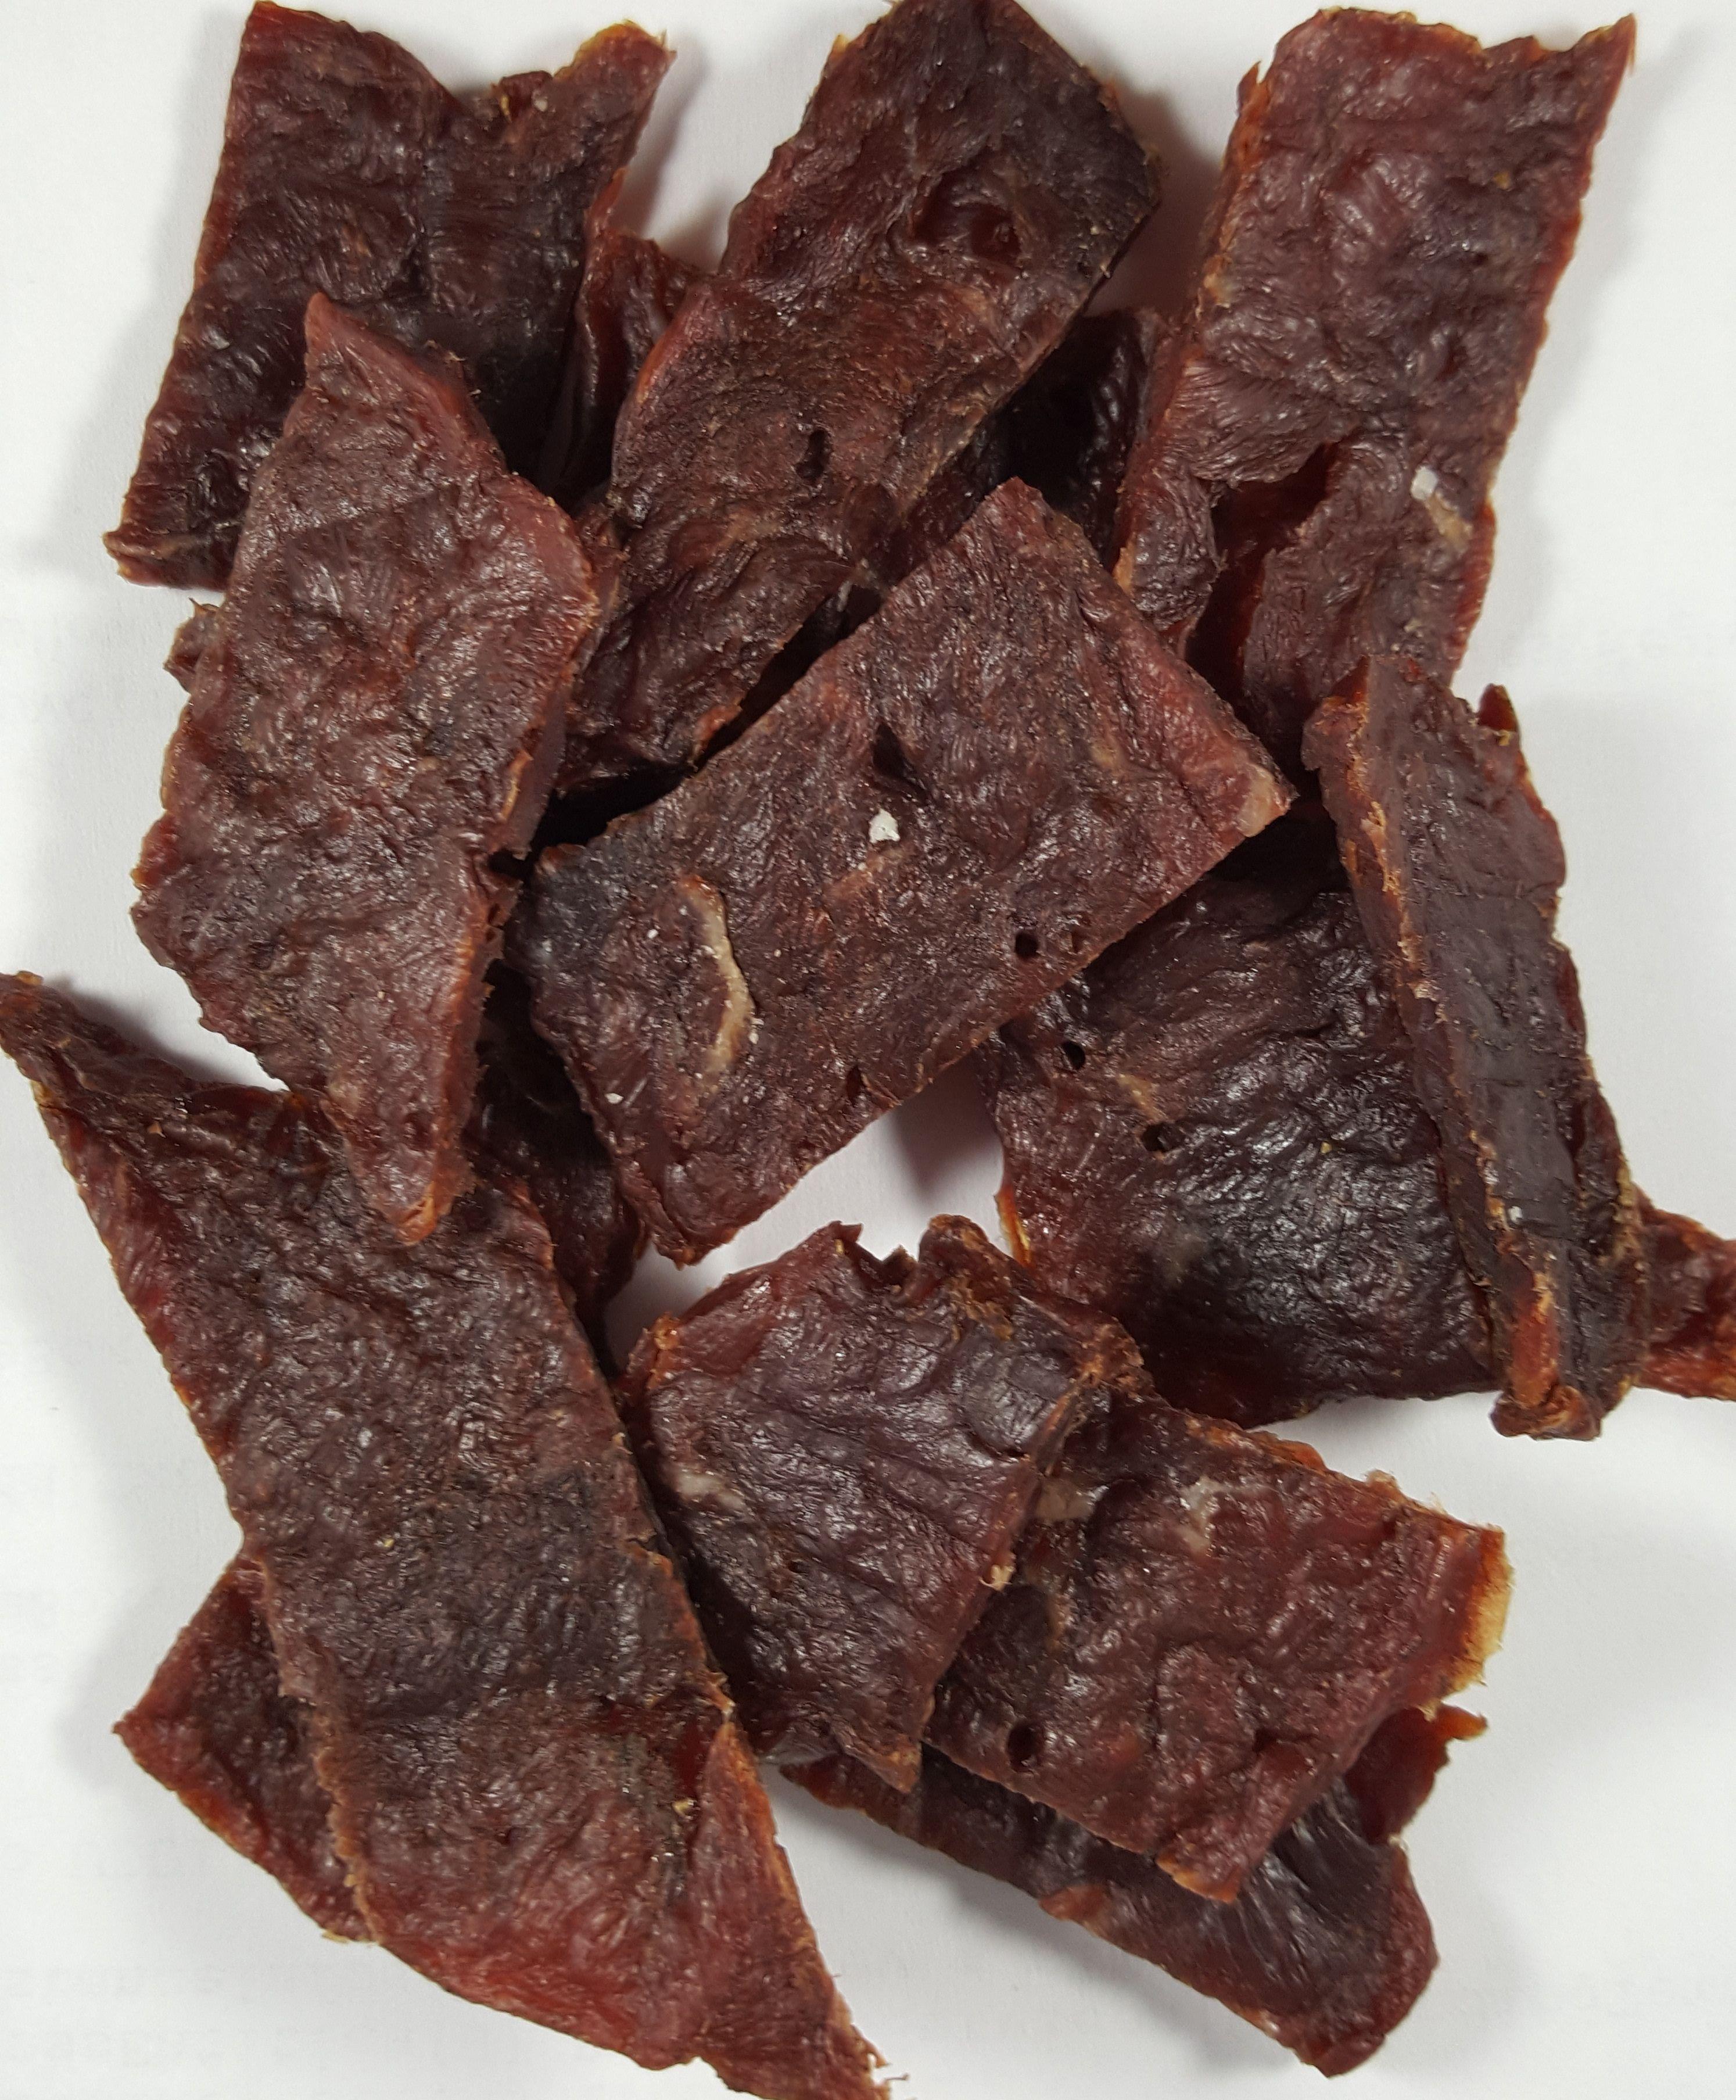 Aufschnitt Meats Original Beef Jerky Review Http Jerkyingredients Com 2017 05 20 Aufschnitt Meats Original Grass Grass Fed Beef Jerky Grass Fed Beef Beef